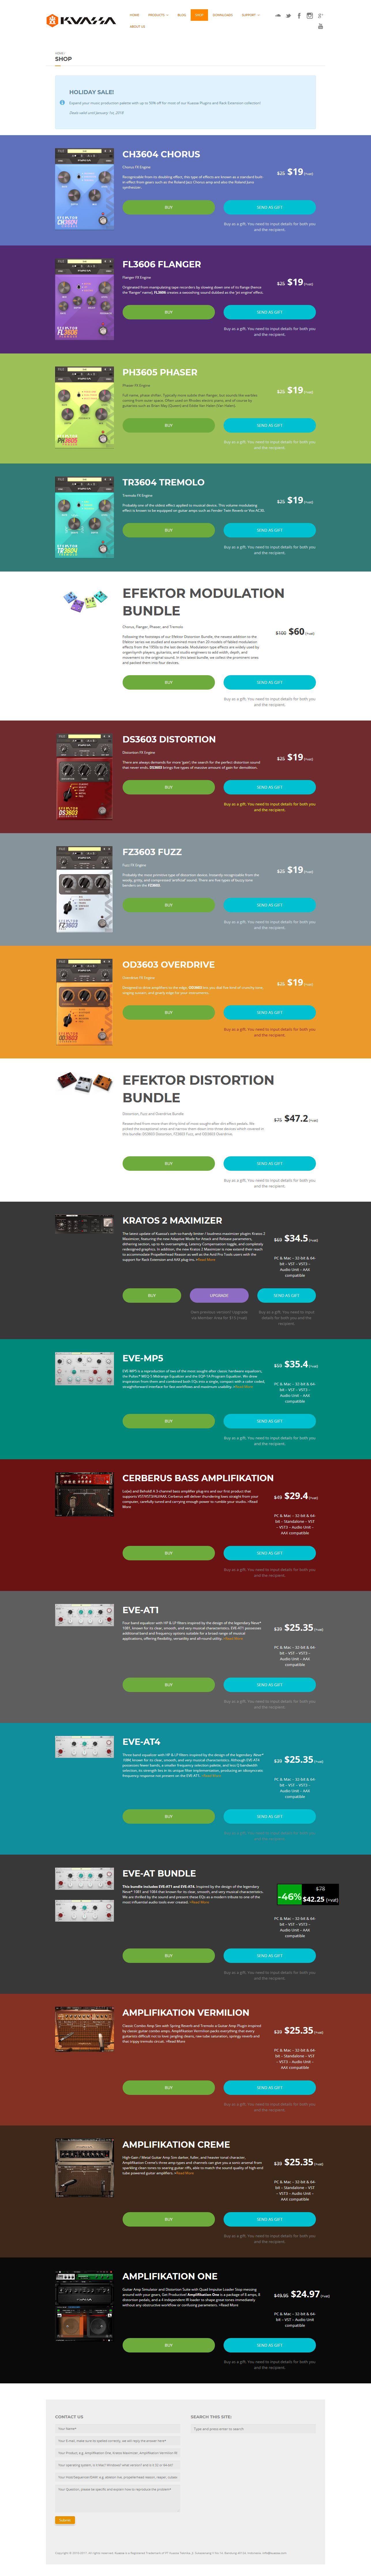 Lennar digital sylenth1 discount coupon